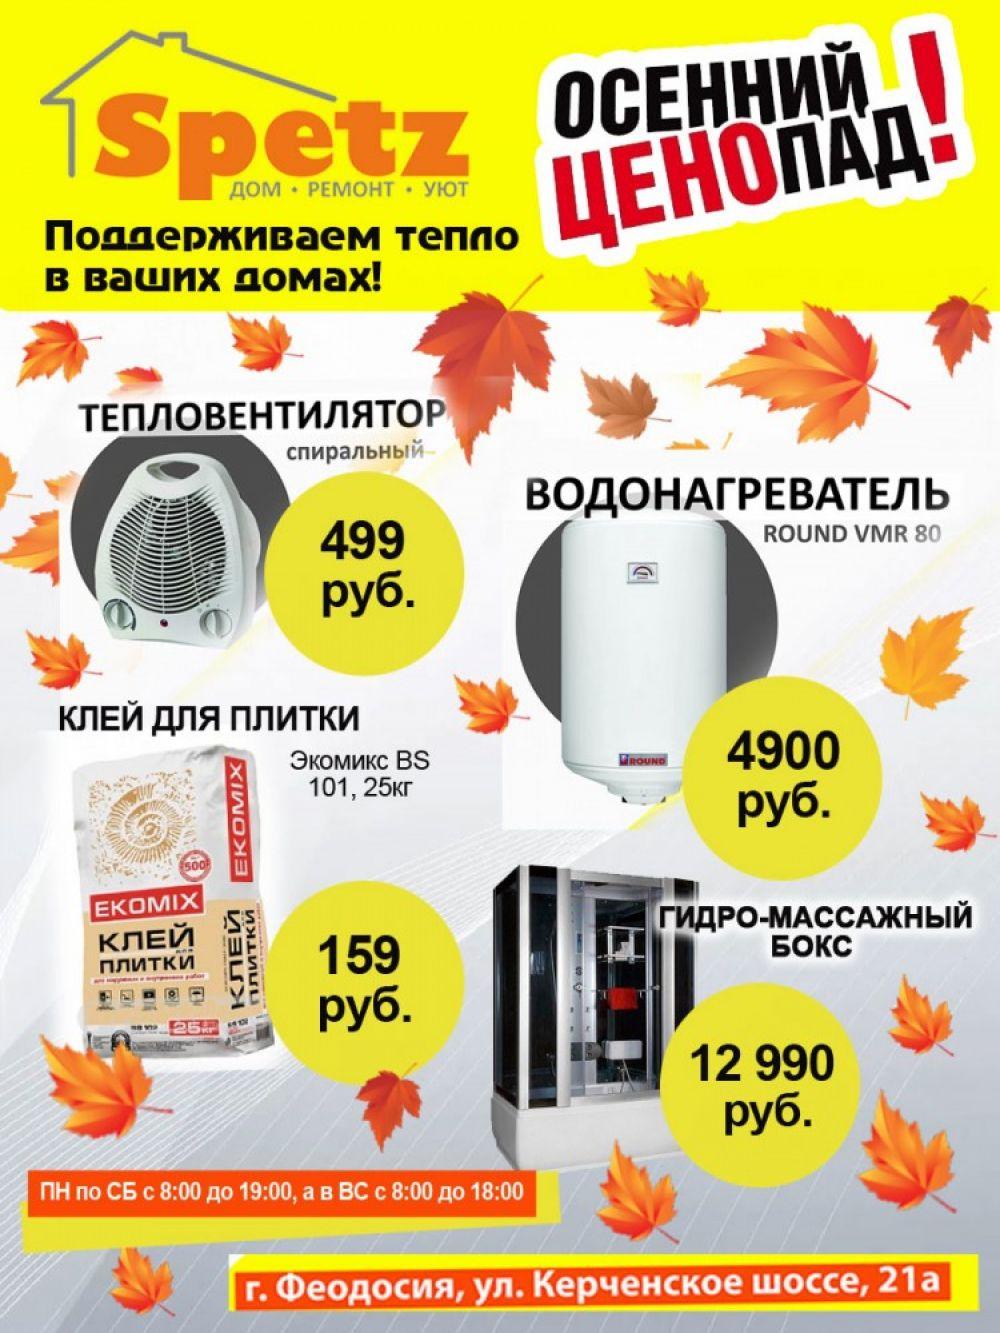 Осенний ценопад в строительном магазине «Spetz»!